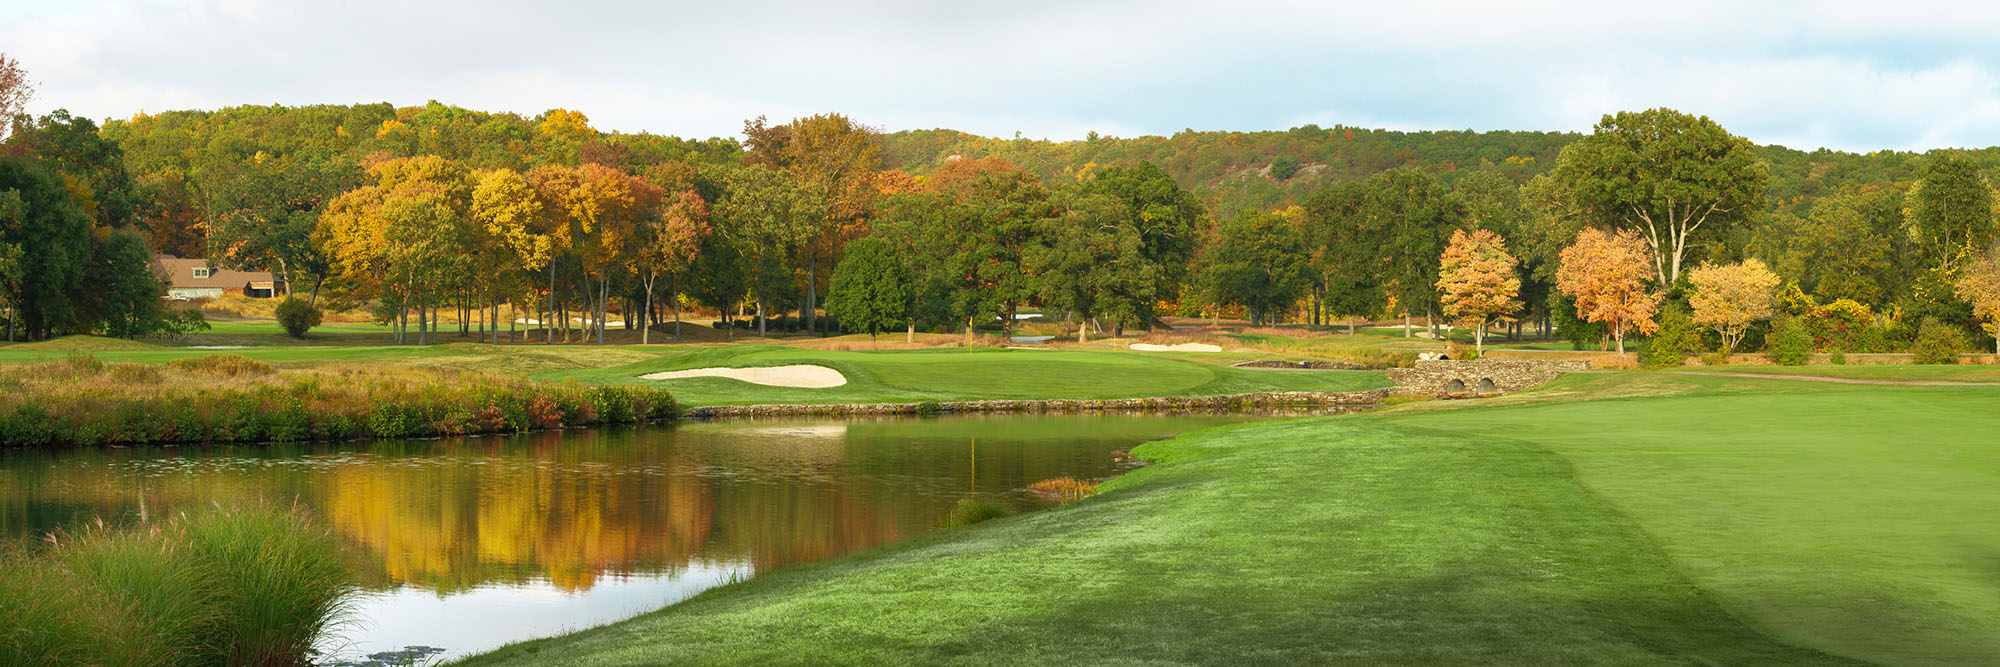 Golf Course Image - The Tuxedo Club No. 5